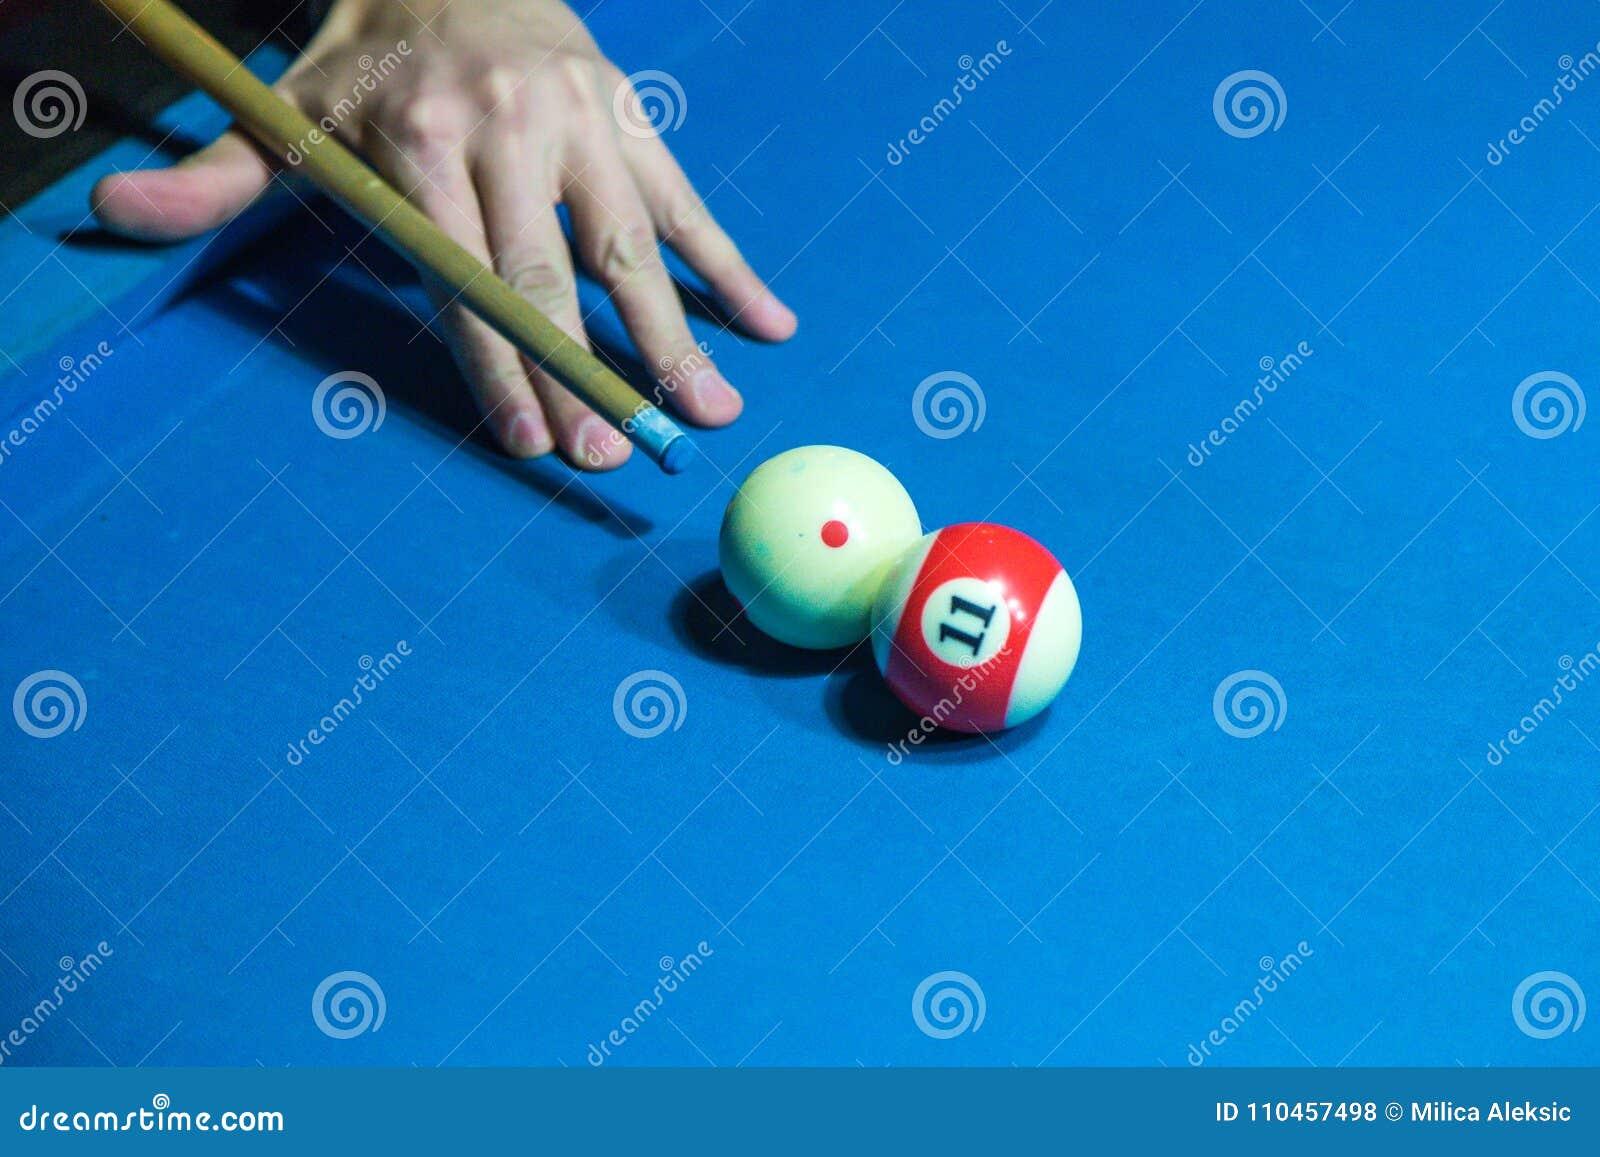 För billiardpinne för hand hållande stickreplik på en pöltabell som är klar till skottbollen